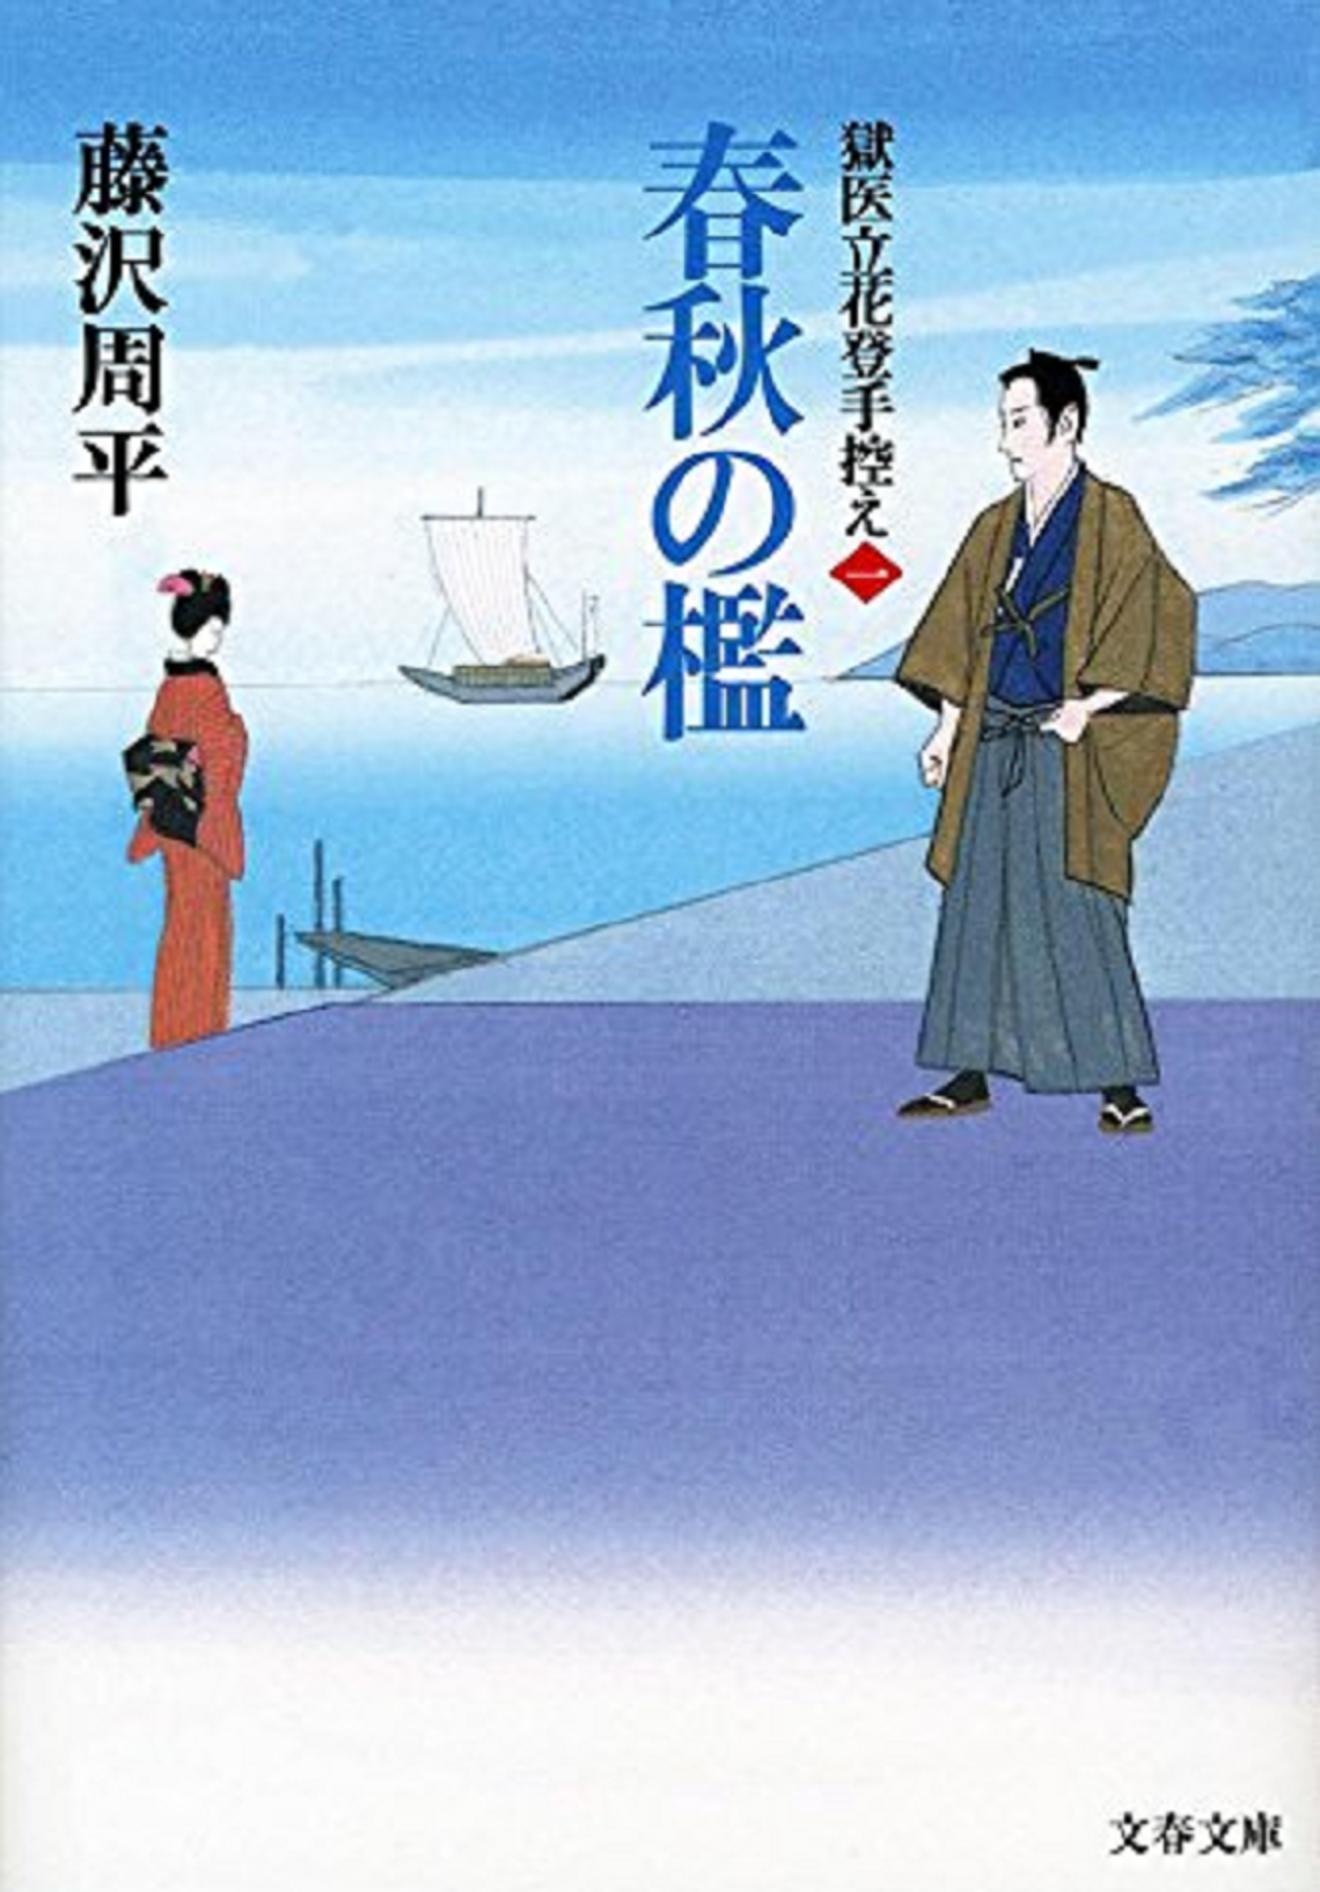 小説『獄医立花登手控え』が面白い!あらすじから結末までネタバレ!ドラマ化